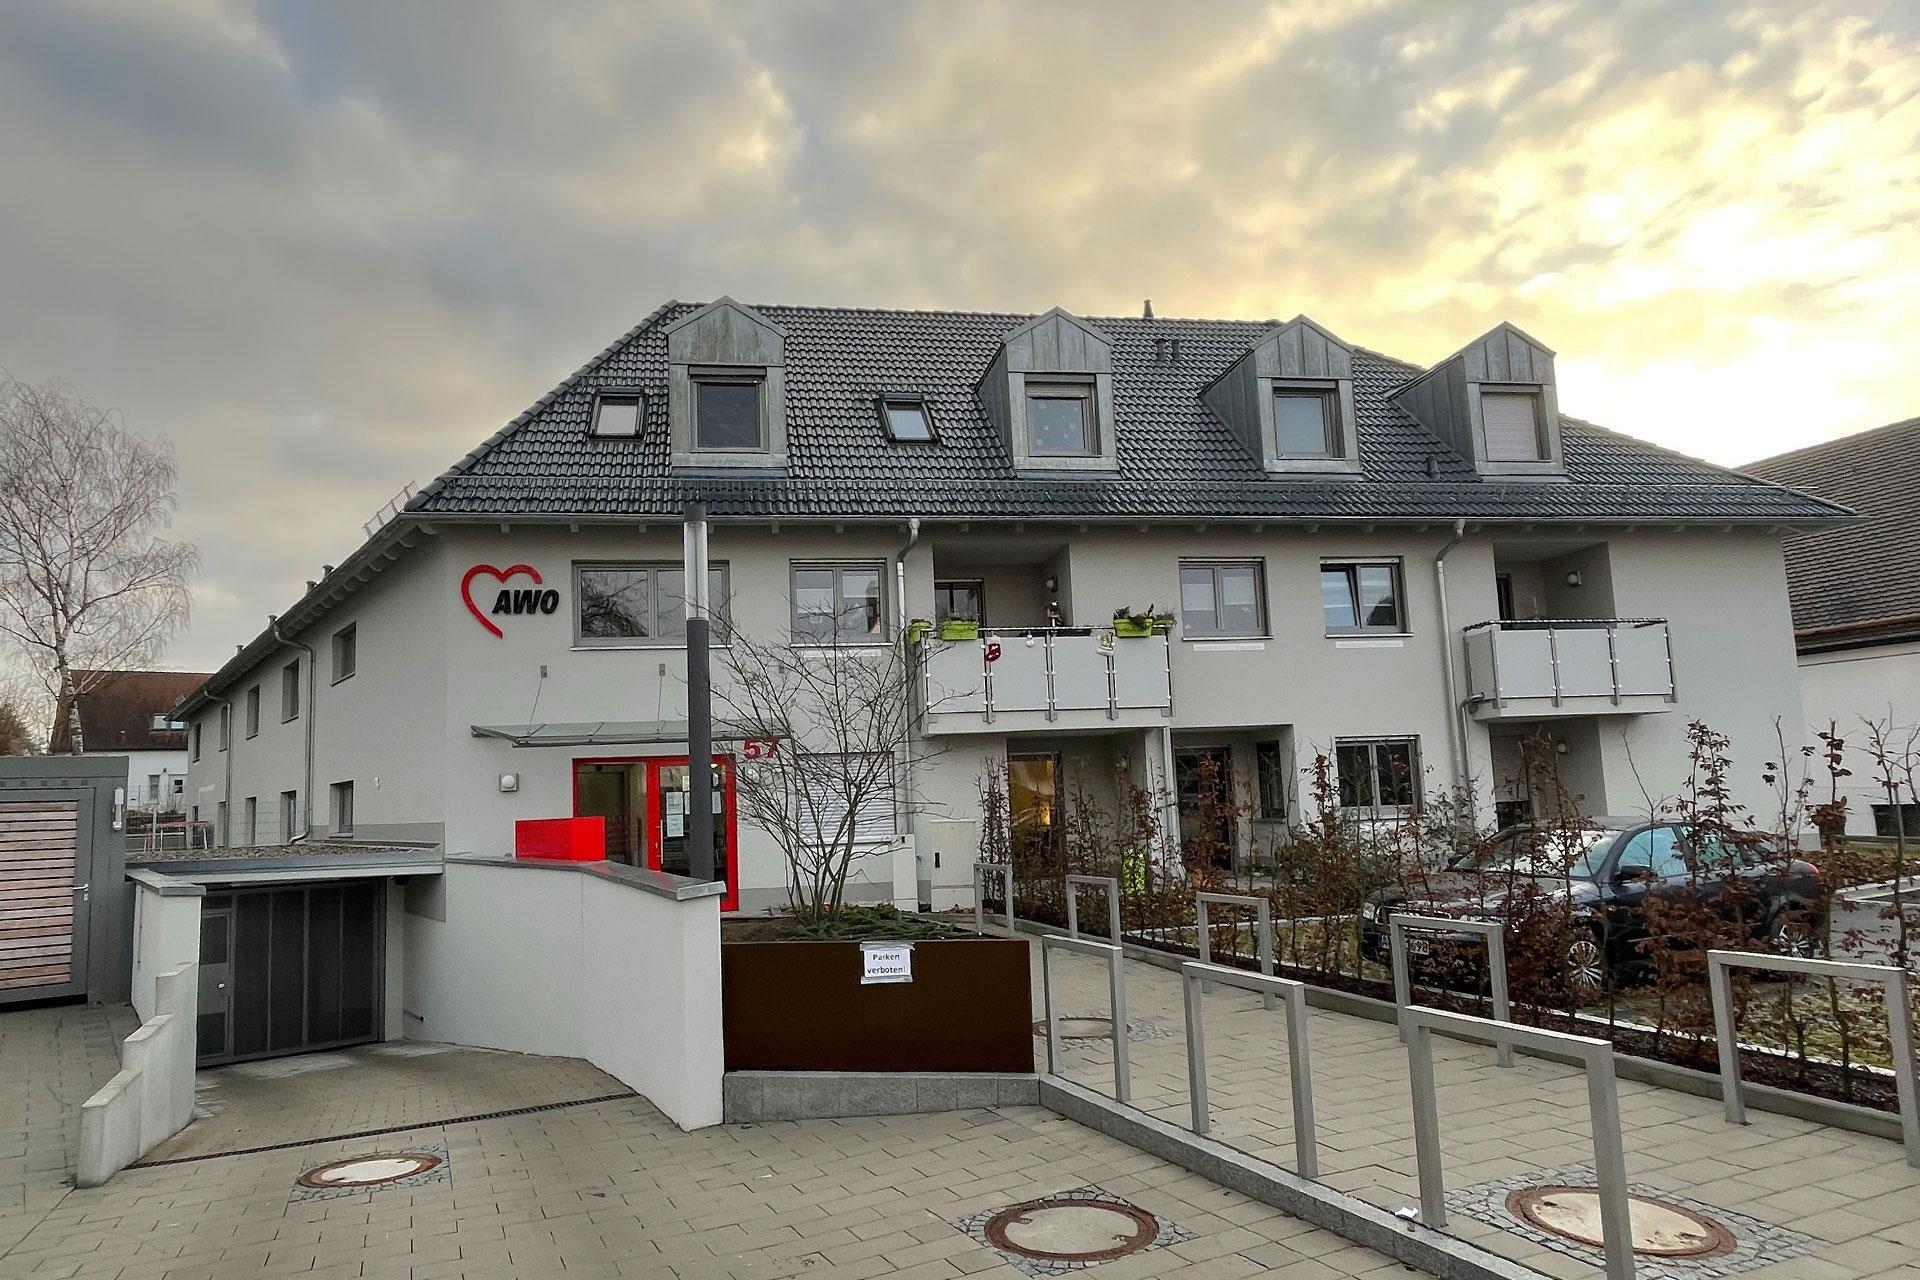 AWO Seniorenheim Inningen